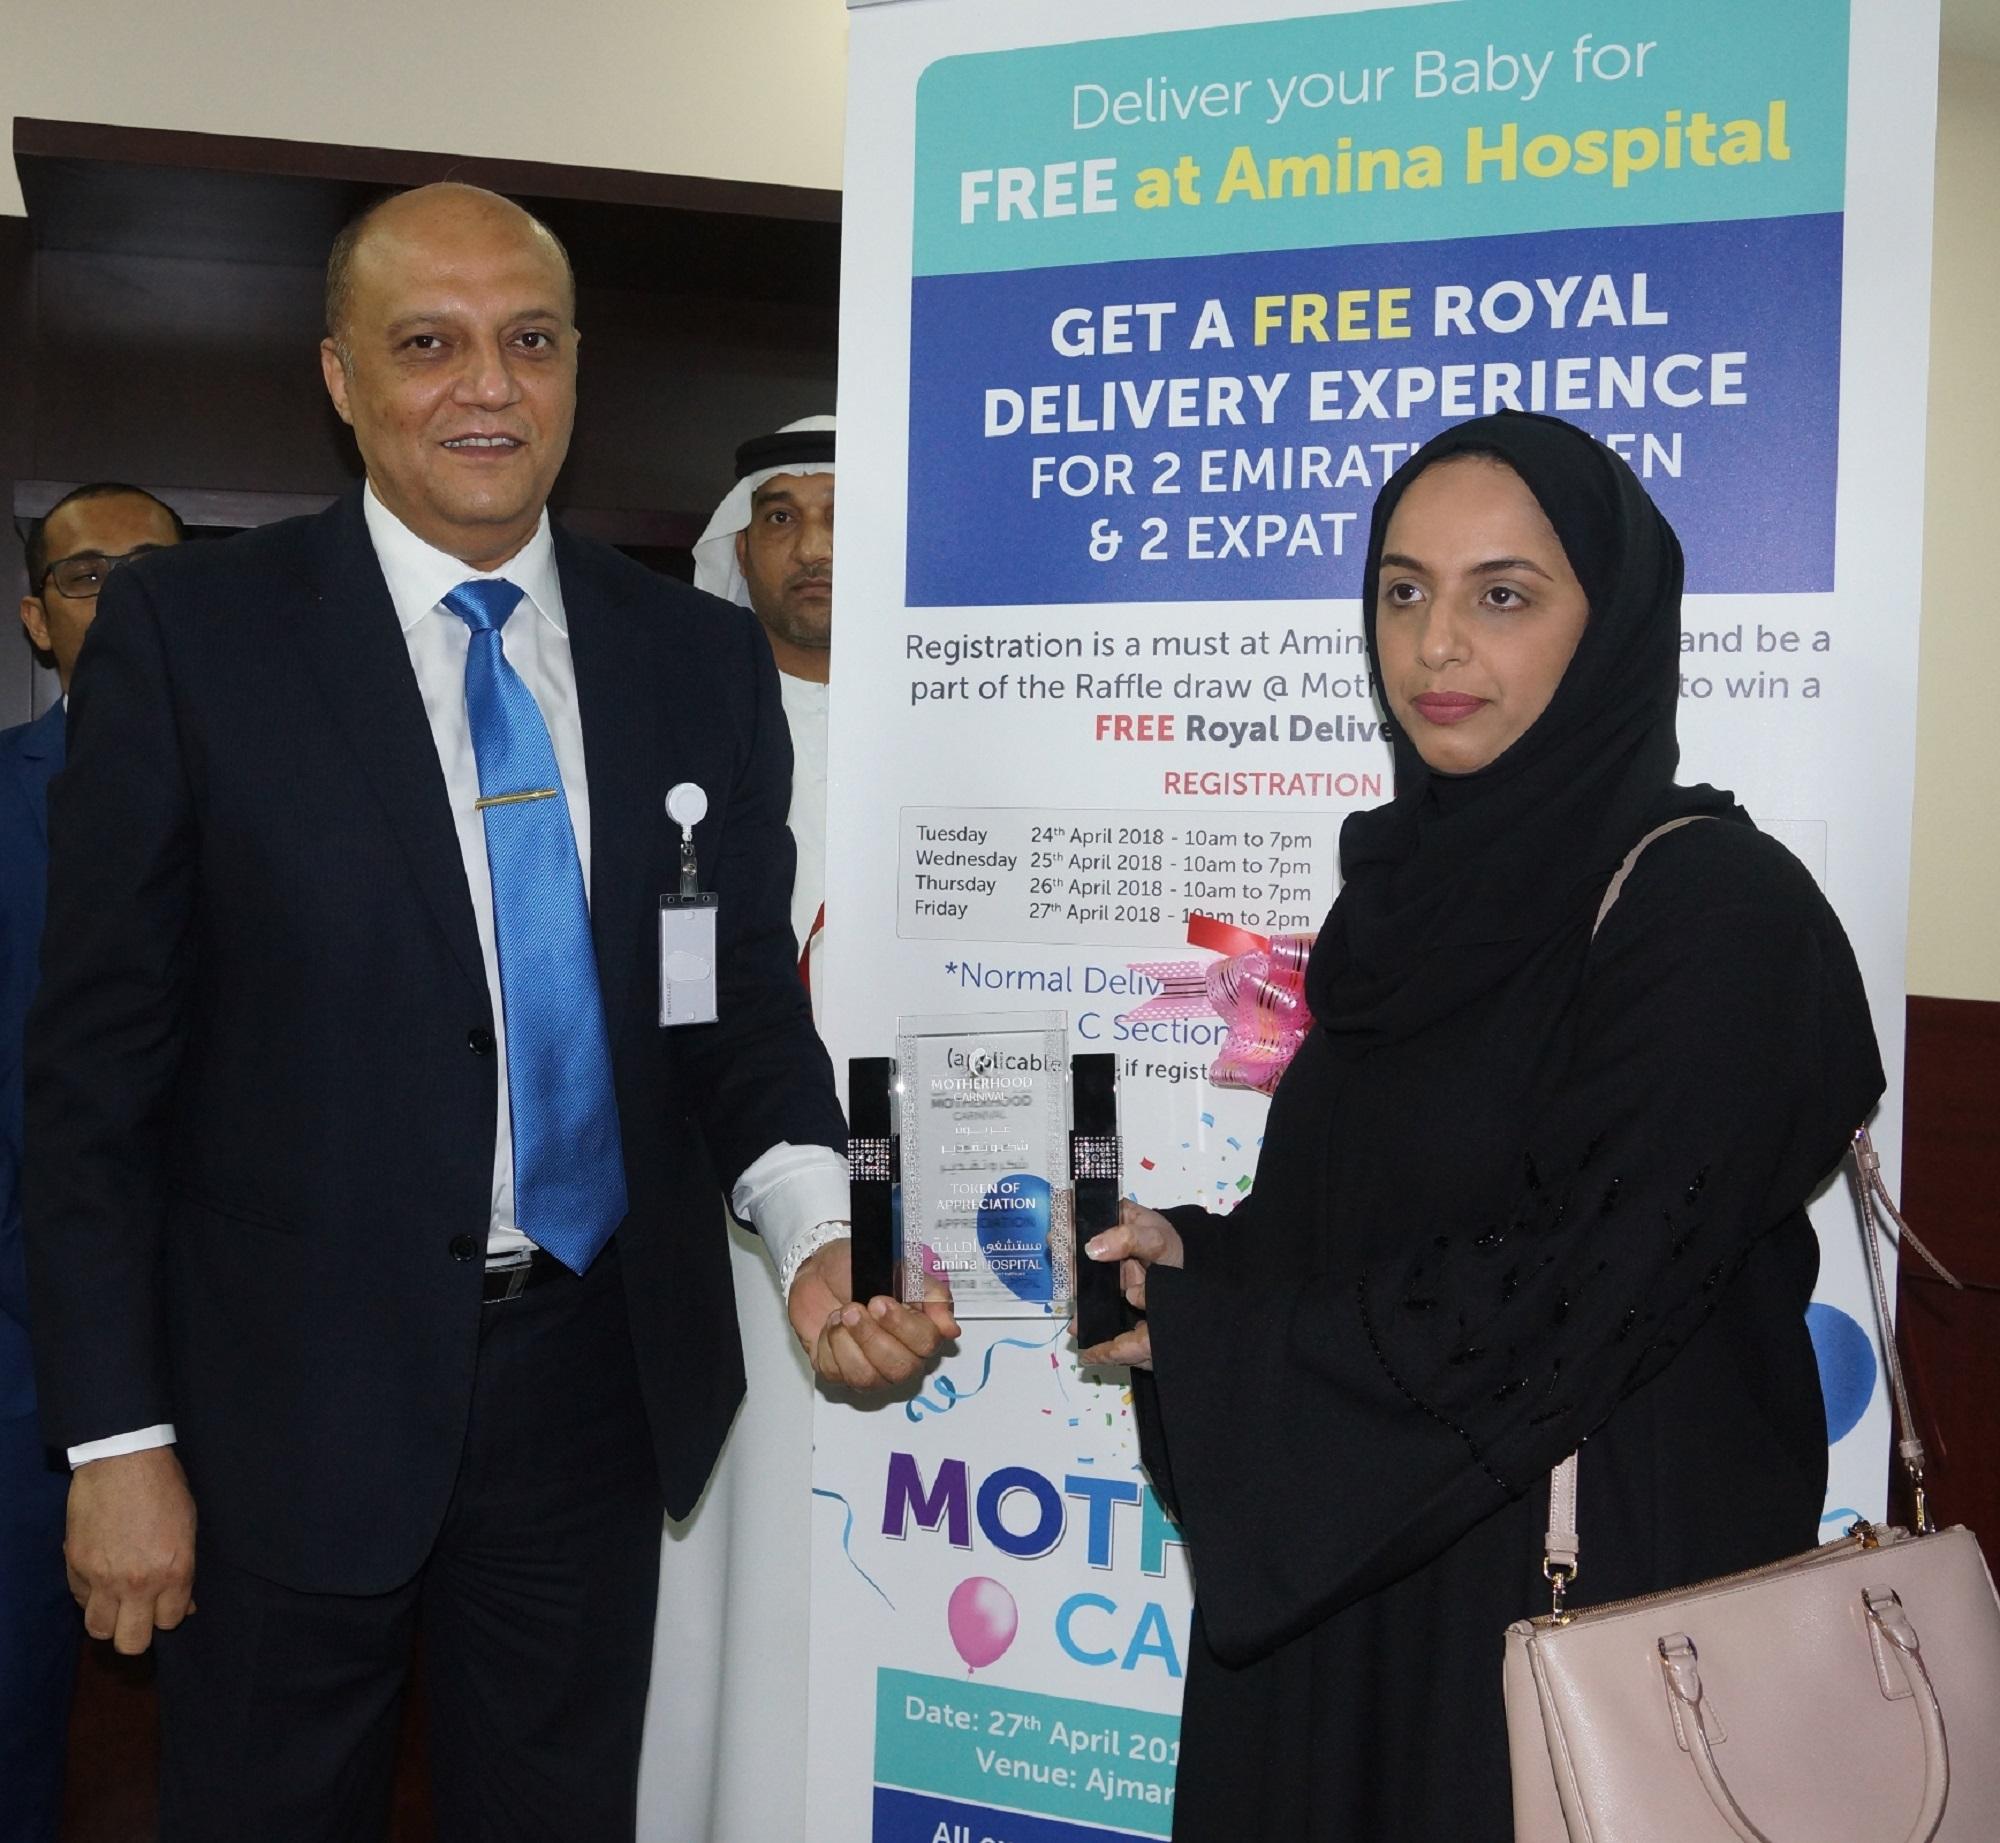 """الشيخة نورا بنت حميد بن راشد النعيمي تدشن حملة المستشفى حملة """"كرنفال الأمومة"""" في مستشفي أمينة"""